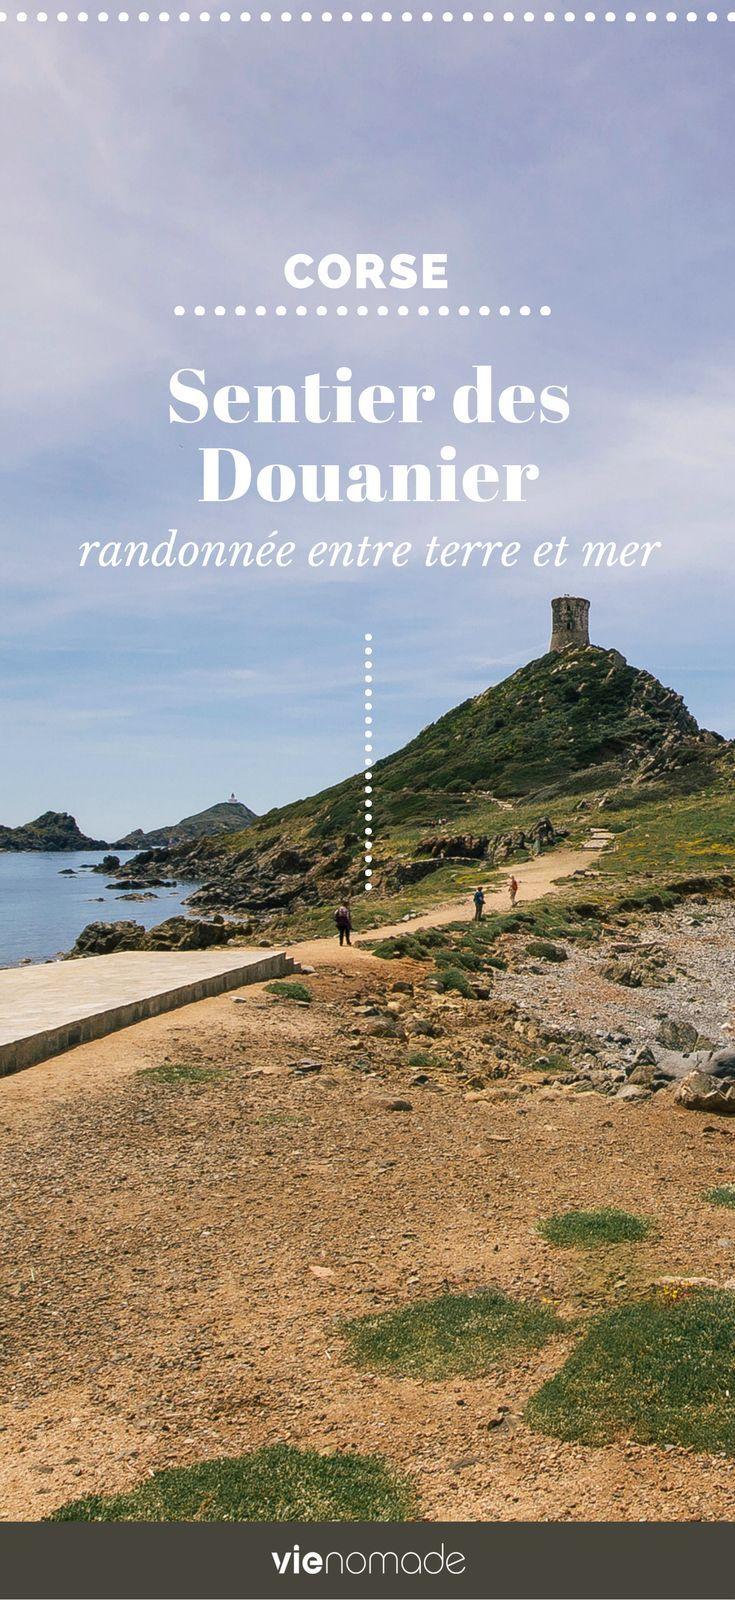 Randonnée en Corse: découvrez le magnifique sentier des Douaniers, qui longe les Îles Sanguinaires #corse #corsica #voyage #randonnée #marche #france